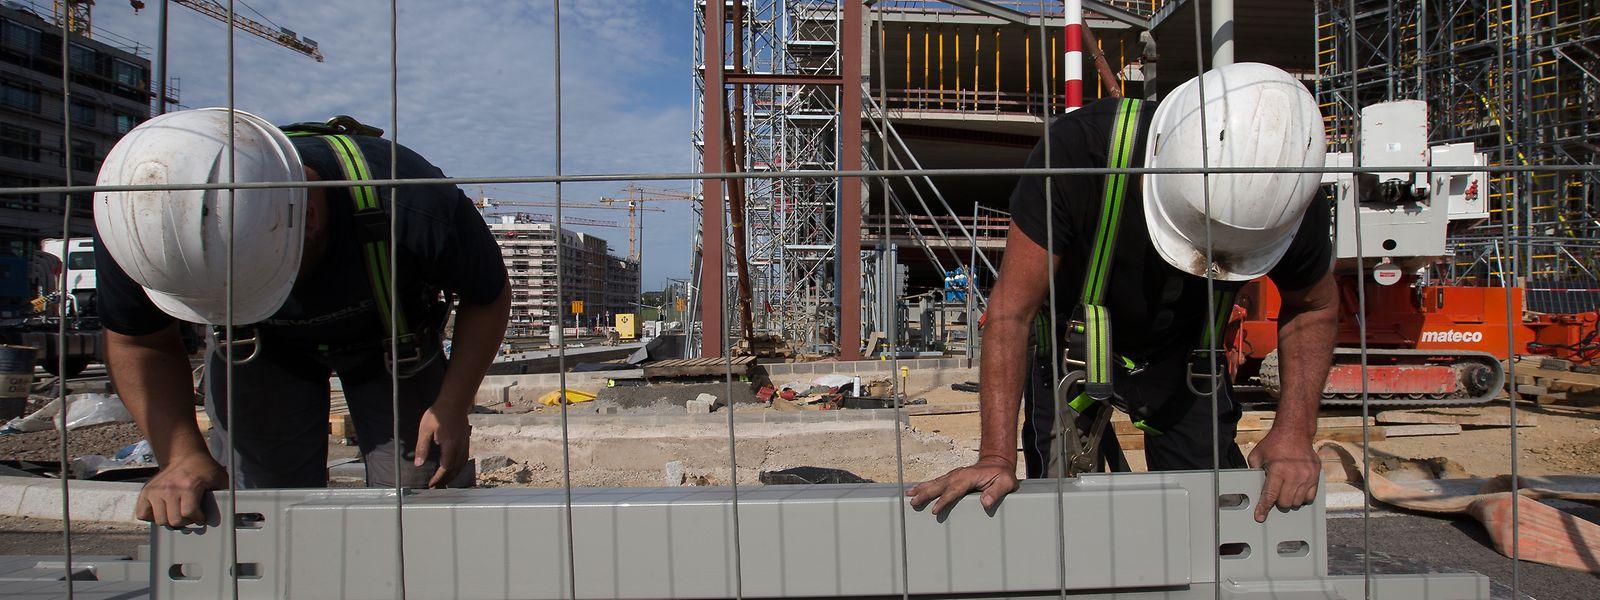 Pour beaucoup de résidents portugais, le salaire reste insuffisant comparé au coût de la vie au Luxembourg.